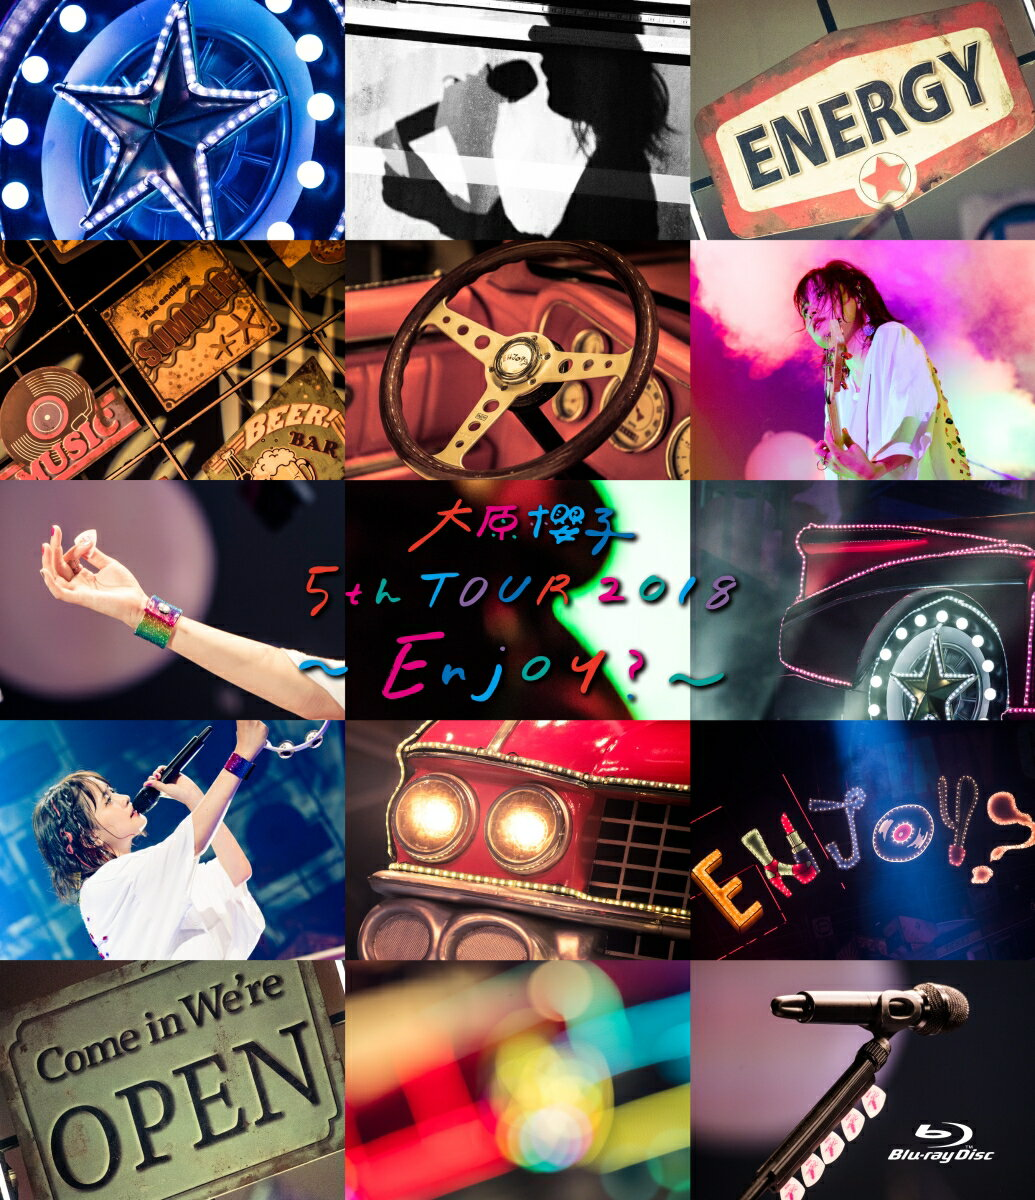 大原櫻子 5th TOUR 2018 〜Enjoy?〜【Blu-ray】 [ 大原櫻子 ]